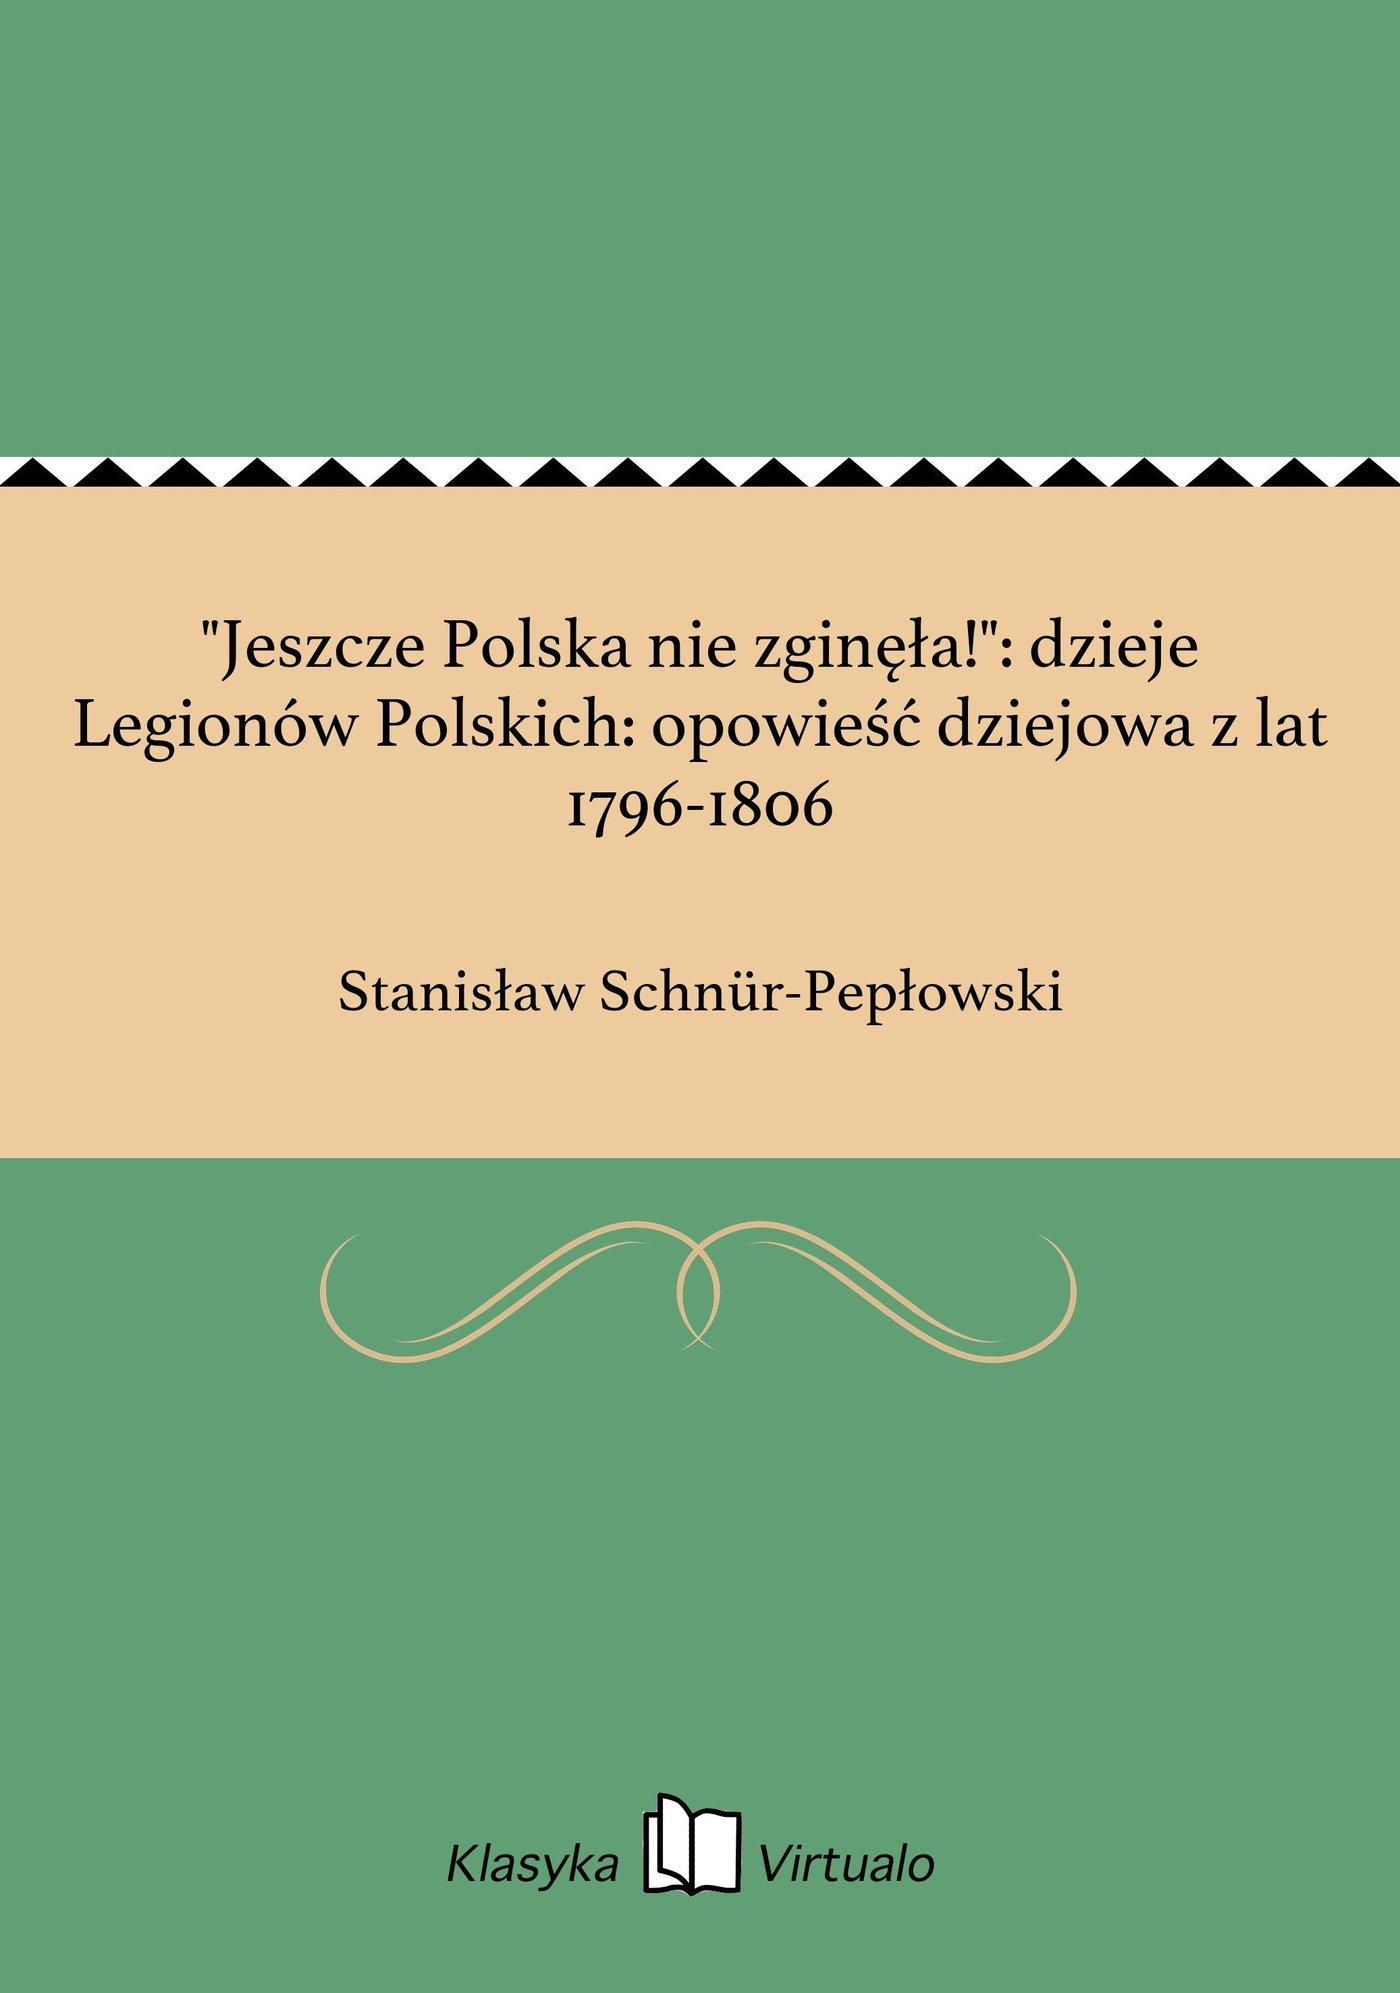 """""""Jeszcze Polska nie zginęła!"""": dzieje Legionów Polskich: opowieść dziejowa z lat 1796-1806 - Ebook (Książka EPUB) do pobrania w formacie EPUB"""